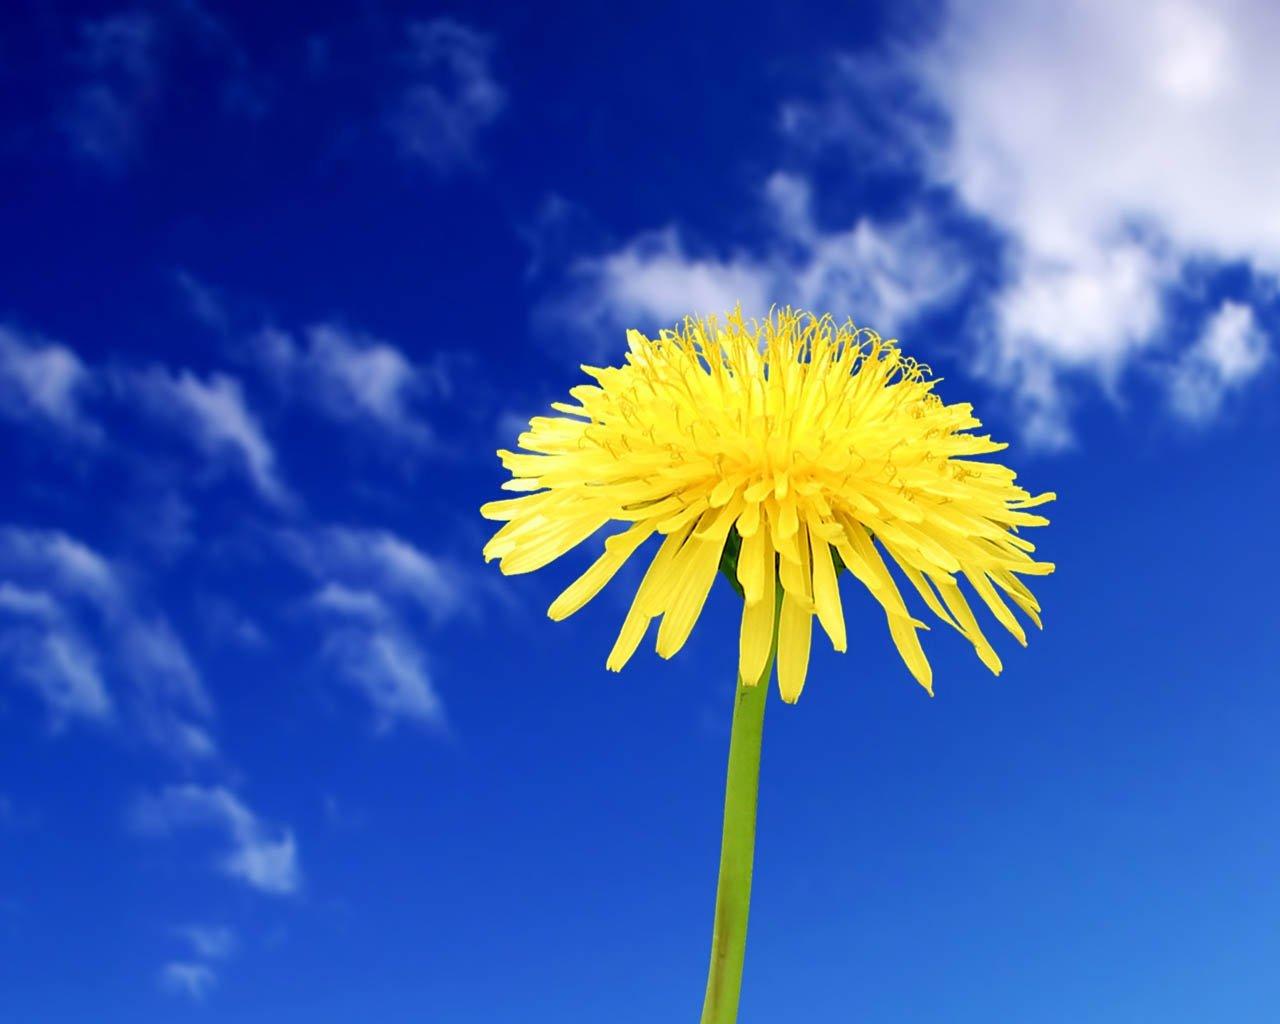 Çiçekler ve gökyüzü-88